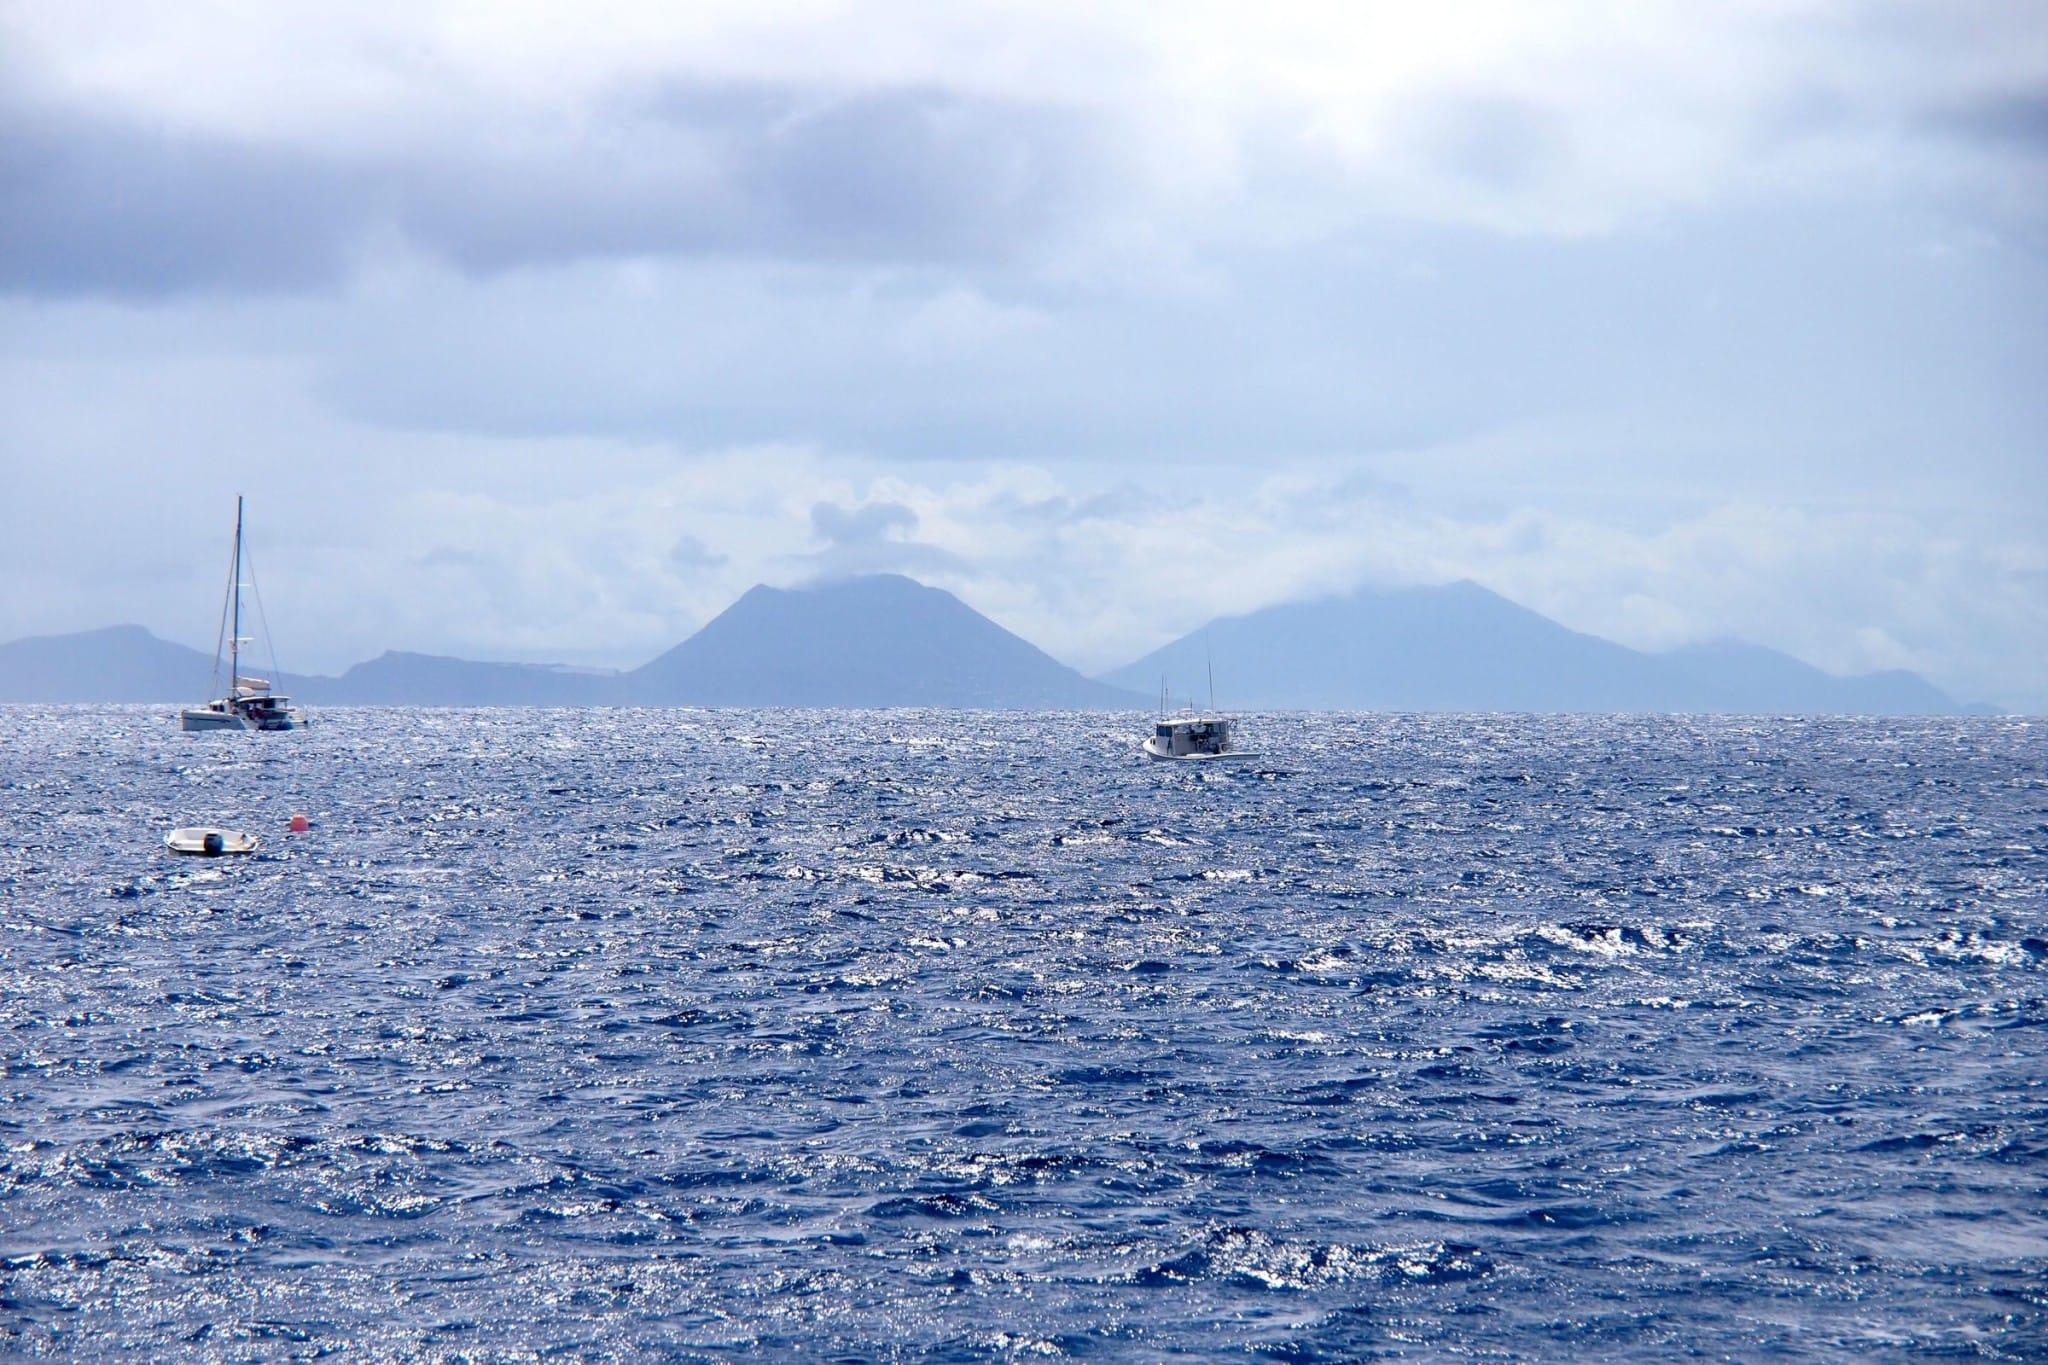 Staring at Statia From 30 Km at Sea